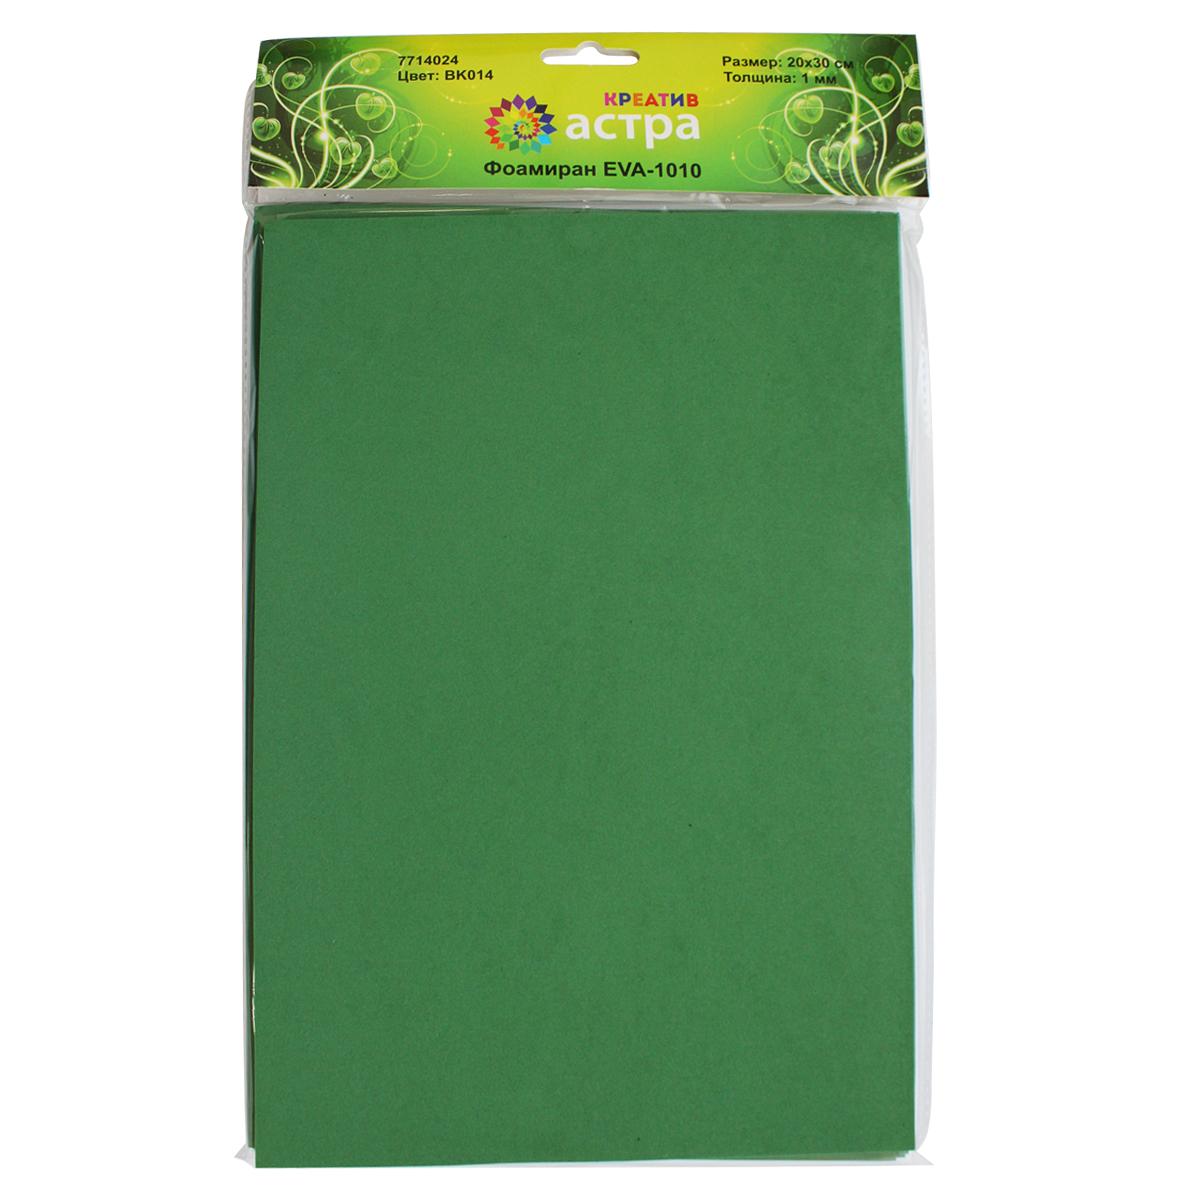 Фоамиран Астра, цвет: темно-зеленый, 20 х 30 см, 10 шт7714024_BK014 темно-зеленыйФоамиран Астра - это пластичная замша, ее можно применить для создания разнообразного вида декора: открытки, магнитики, цветы, забавные игрушки и т.д. Главная особенность материала фоамиран заключается в его способности к незначительному растяжению, которого вполне достаточно для «запоминания» изделием своей формы.На ощупь мягкая синтетическая замша очень приятна и податлива, поэтому работать с ней не составит труда даже начинающему.Размер ткани: 200 x 300 мм. В упаковке 10 штук.